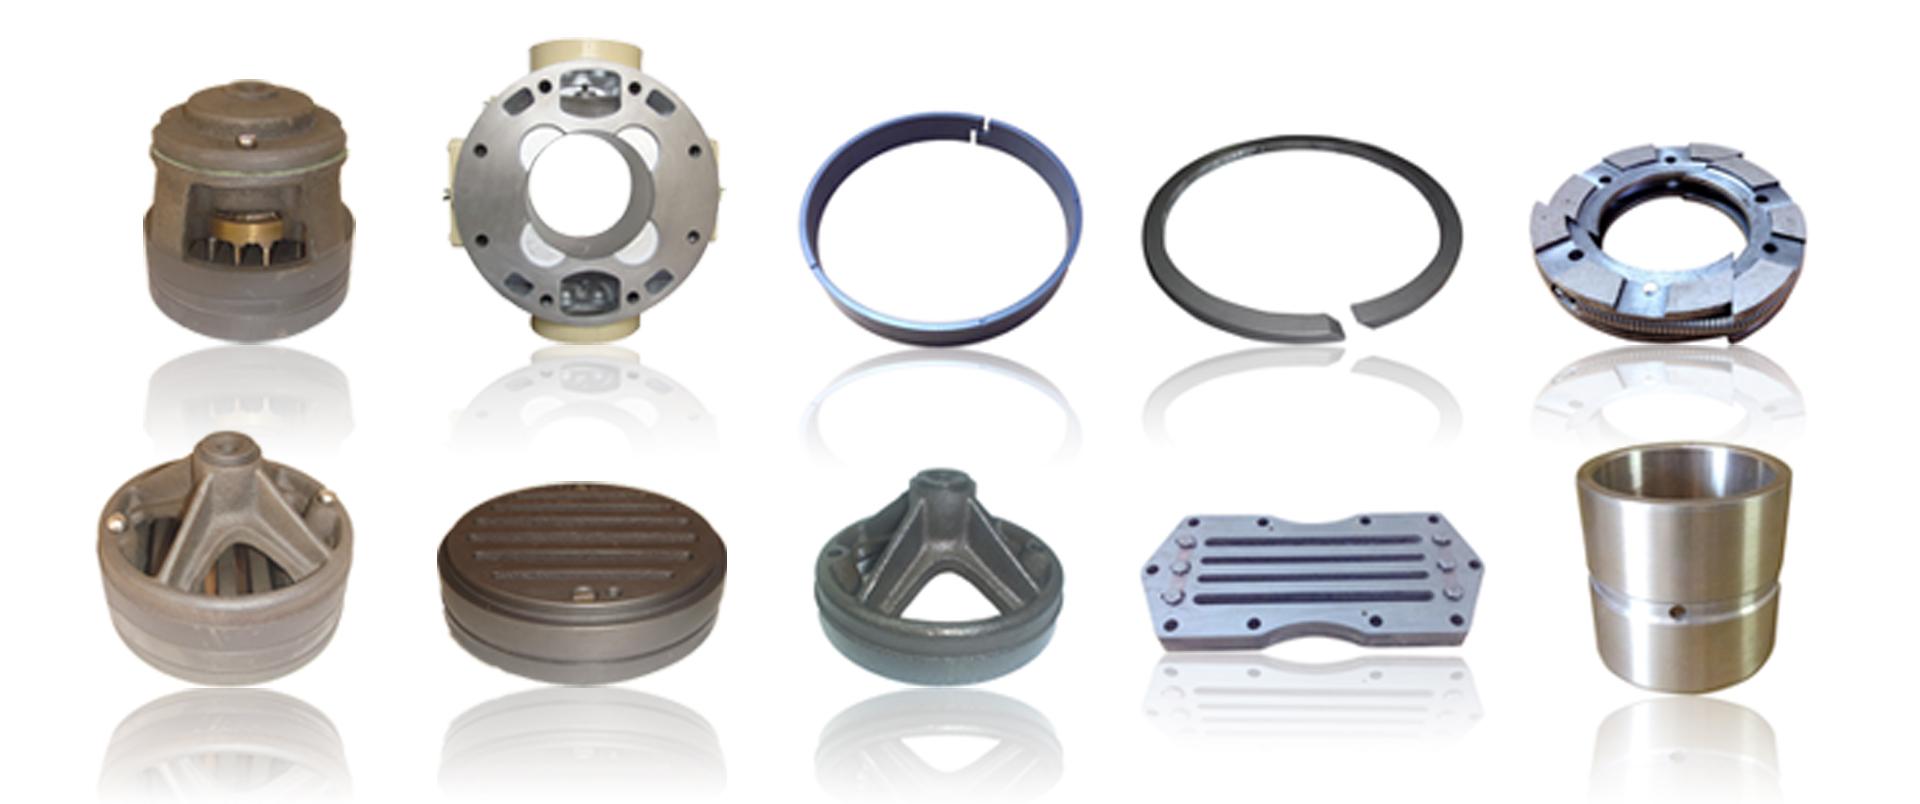 Ingersoll Rand ESV/ESH Parts